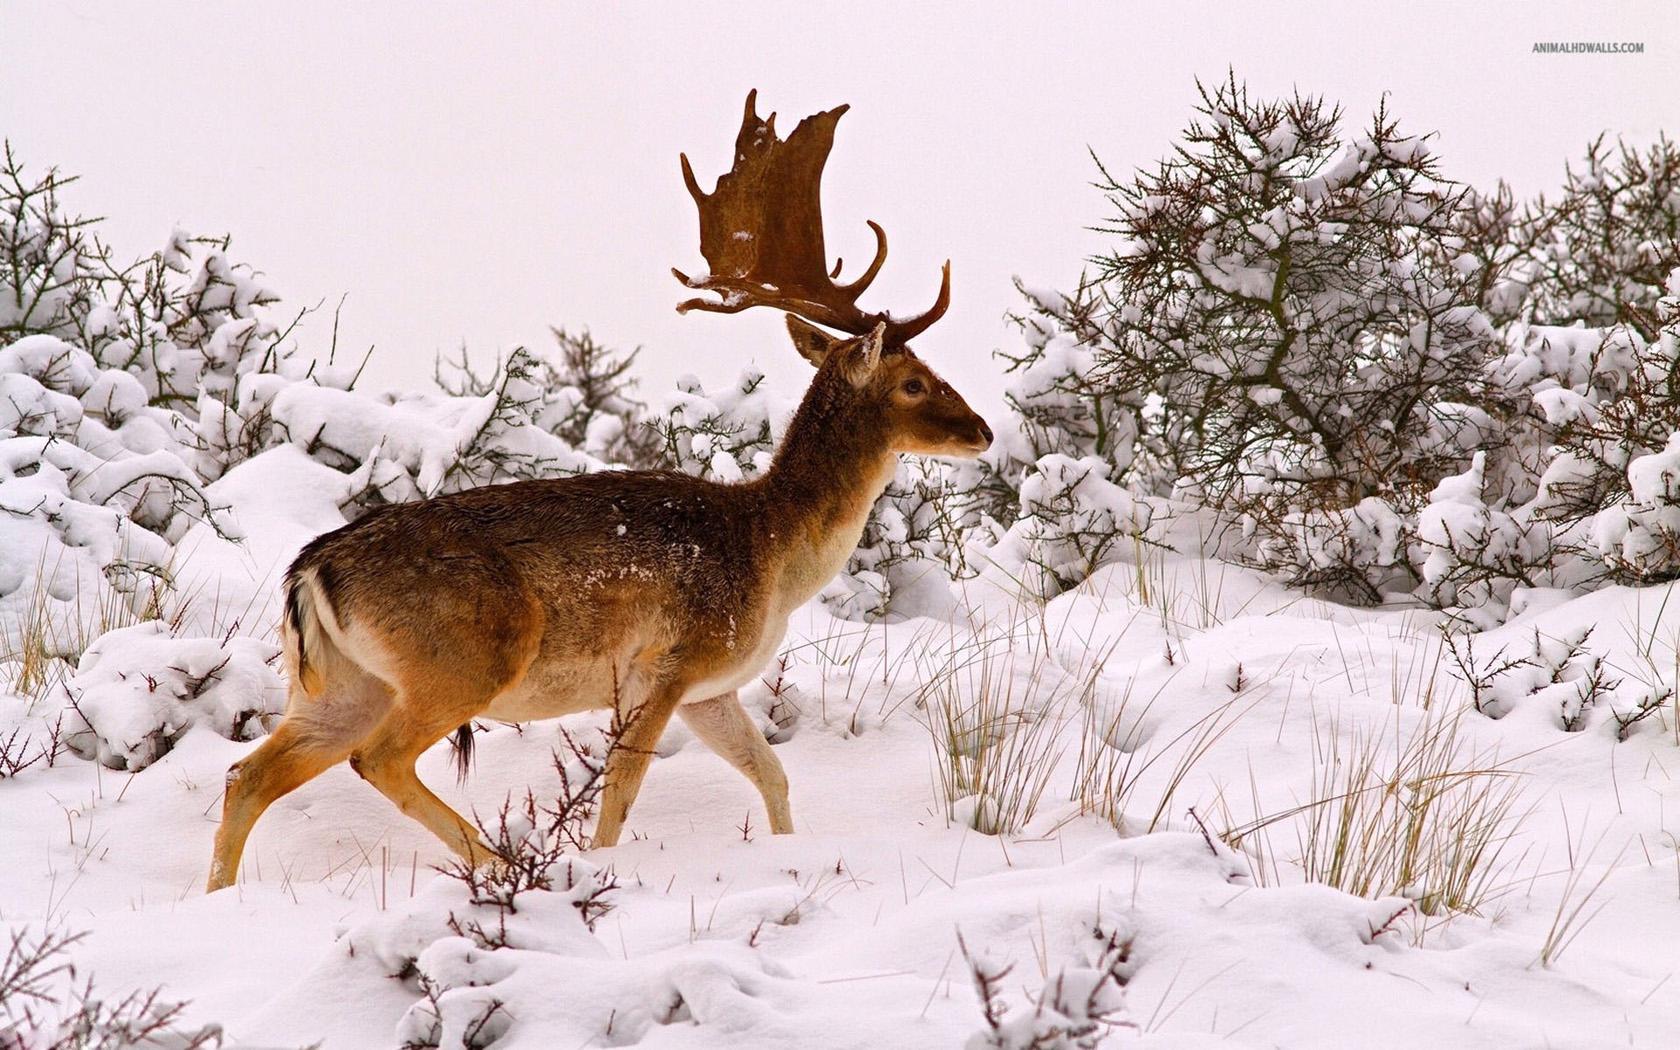 Deer Hd Wallpaper In Winter 1680x1050 pixel Nature HD Wallpaper 1680x1050